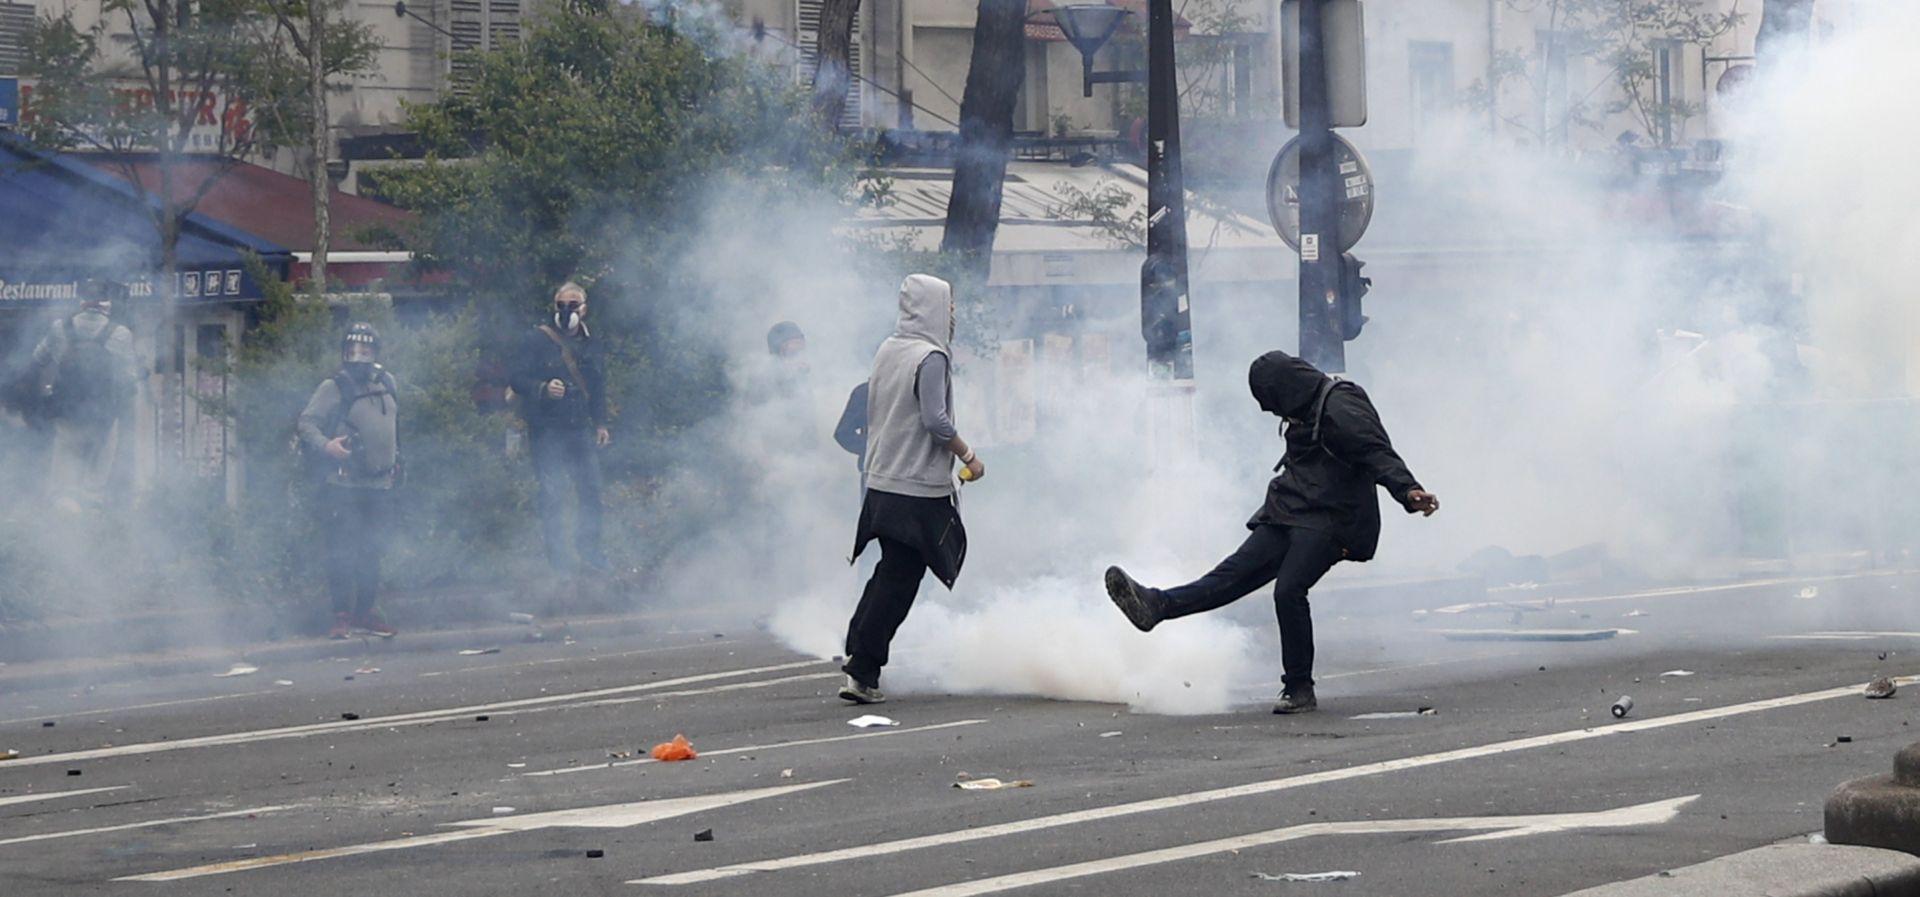 NASILNI PROSVJEDI U NANTESU Francuska vlada poziva na smirivanje